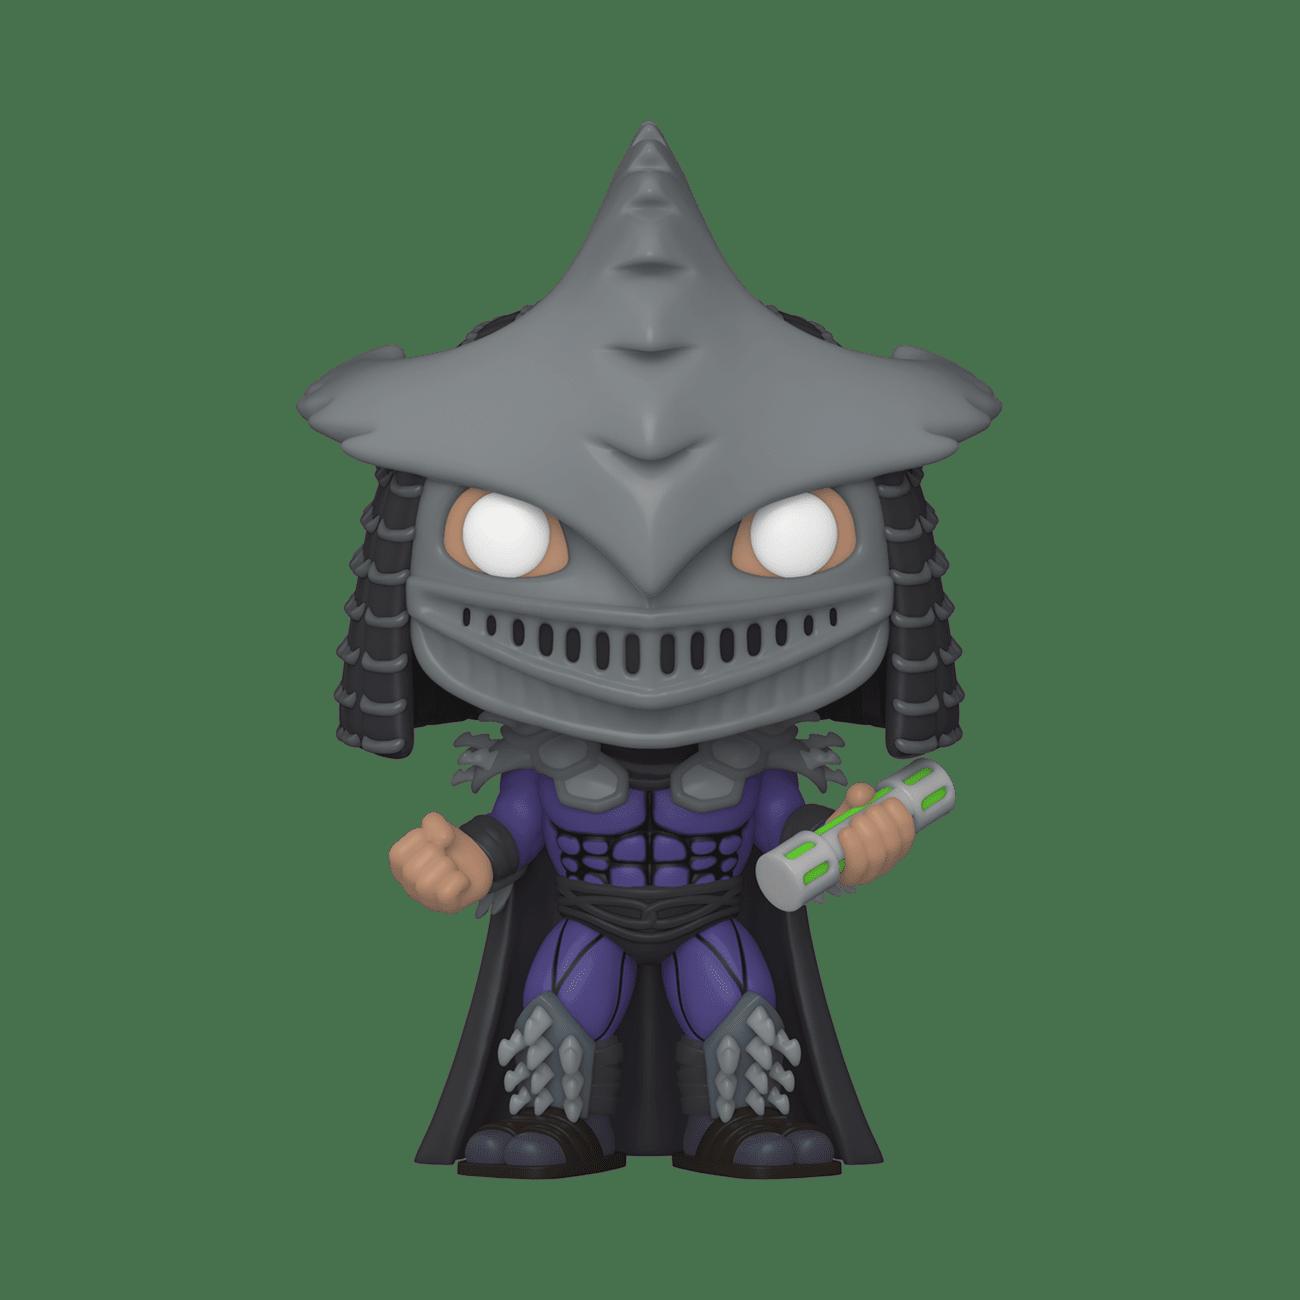 tmnt II super shredder funko pop!